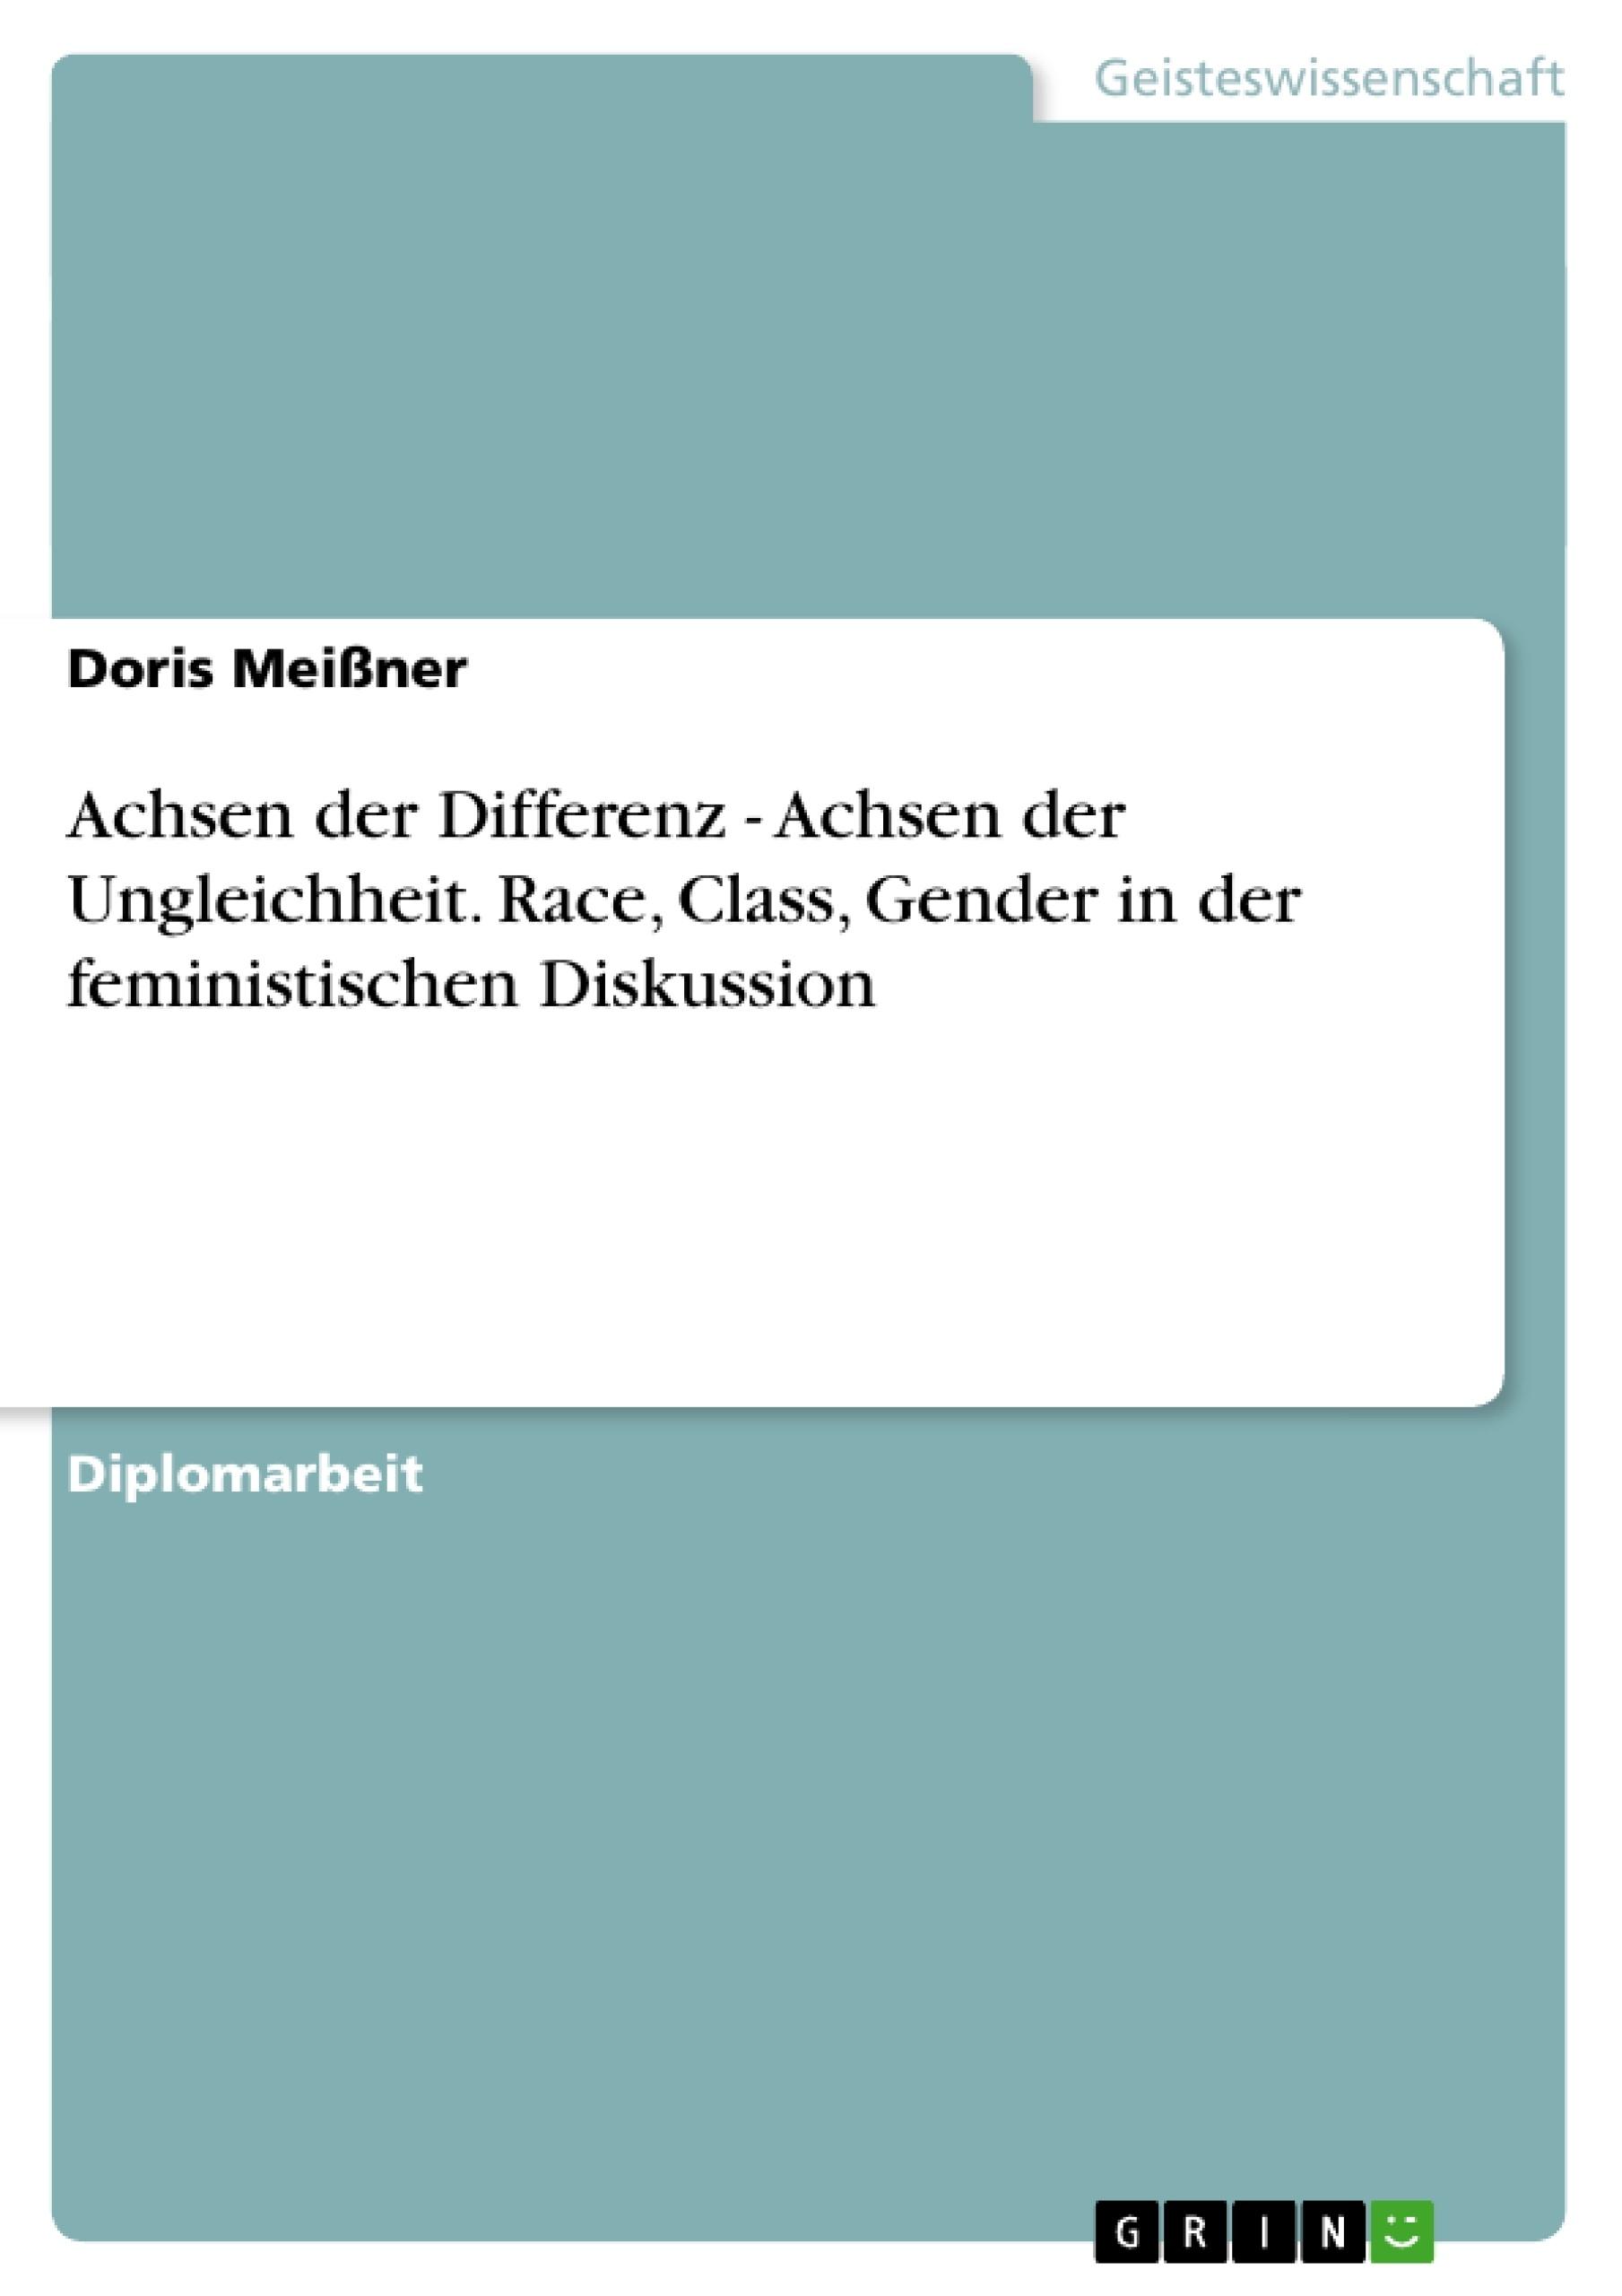 Titel: Achsen der Differenz - Achsen der Ungleichheit. Race, Class, Gender in der feministischen Diskussion